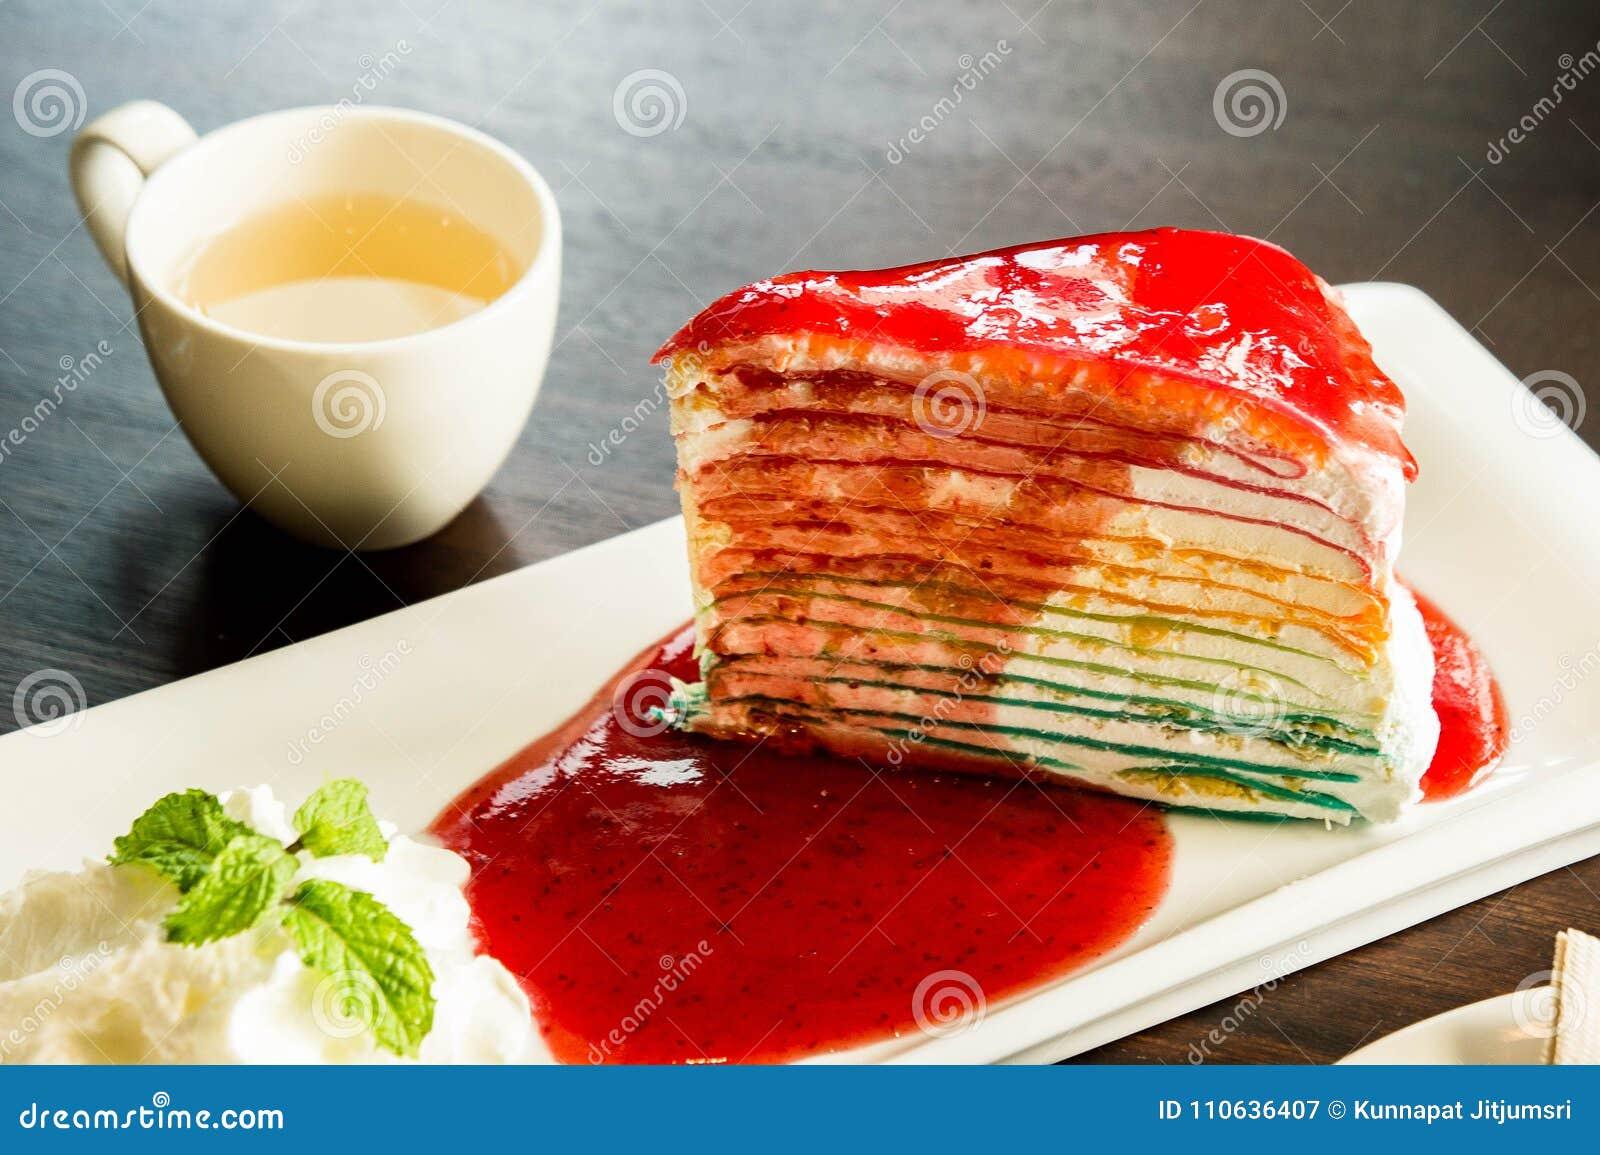 Kreppkuchenschicht-Regenbogenfarbe und Soßenerdbeernachtisch auf Tellerweiß im Café